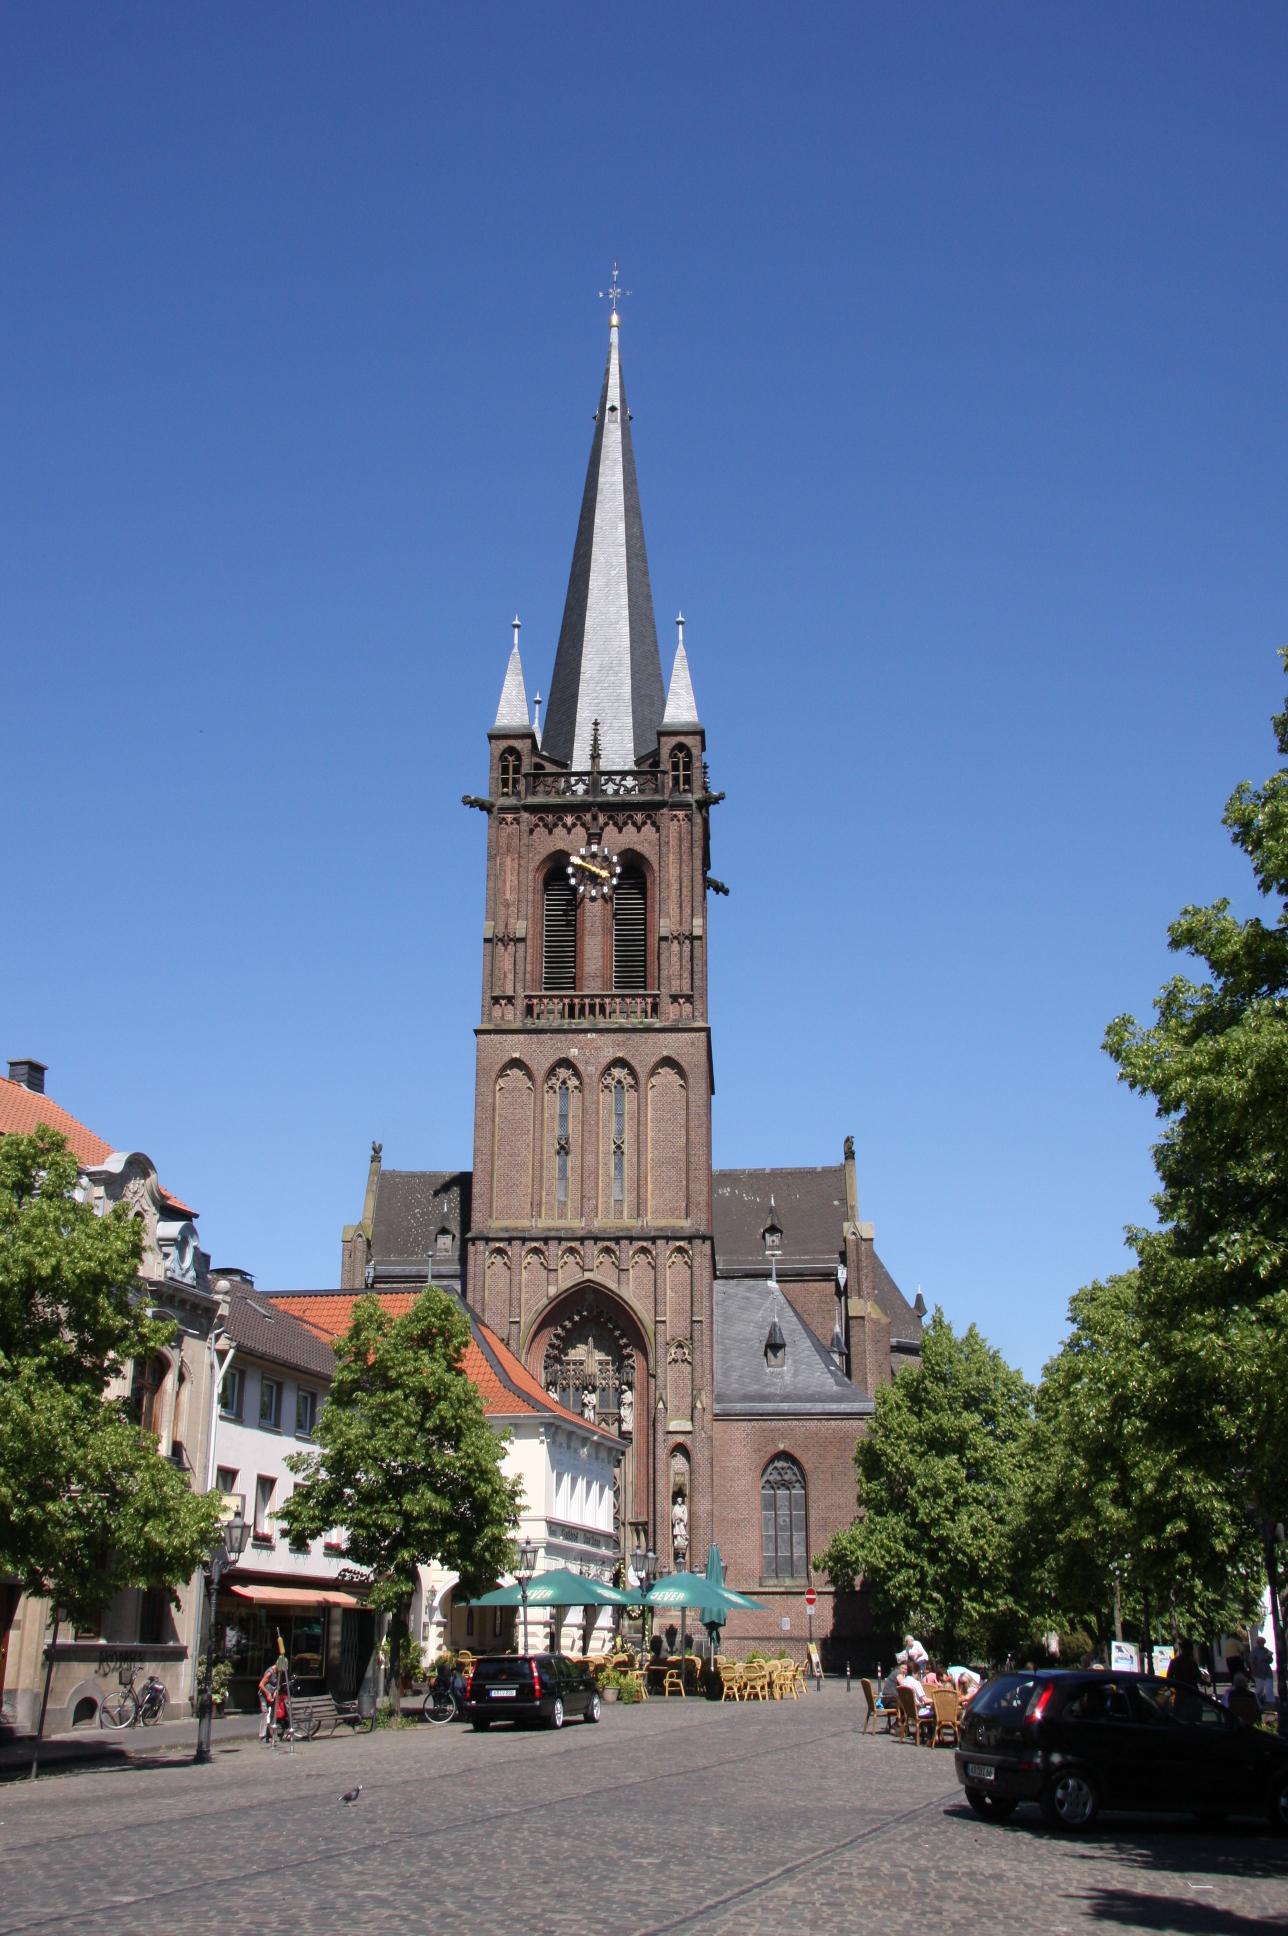 Wdr Krefeld